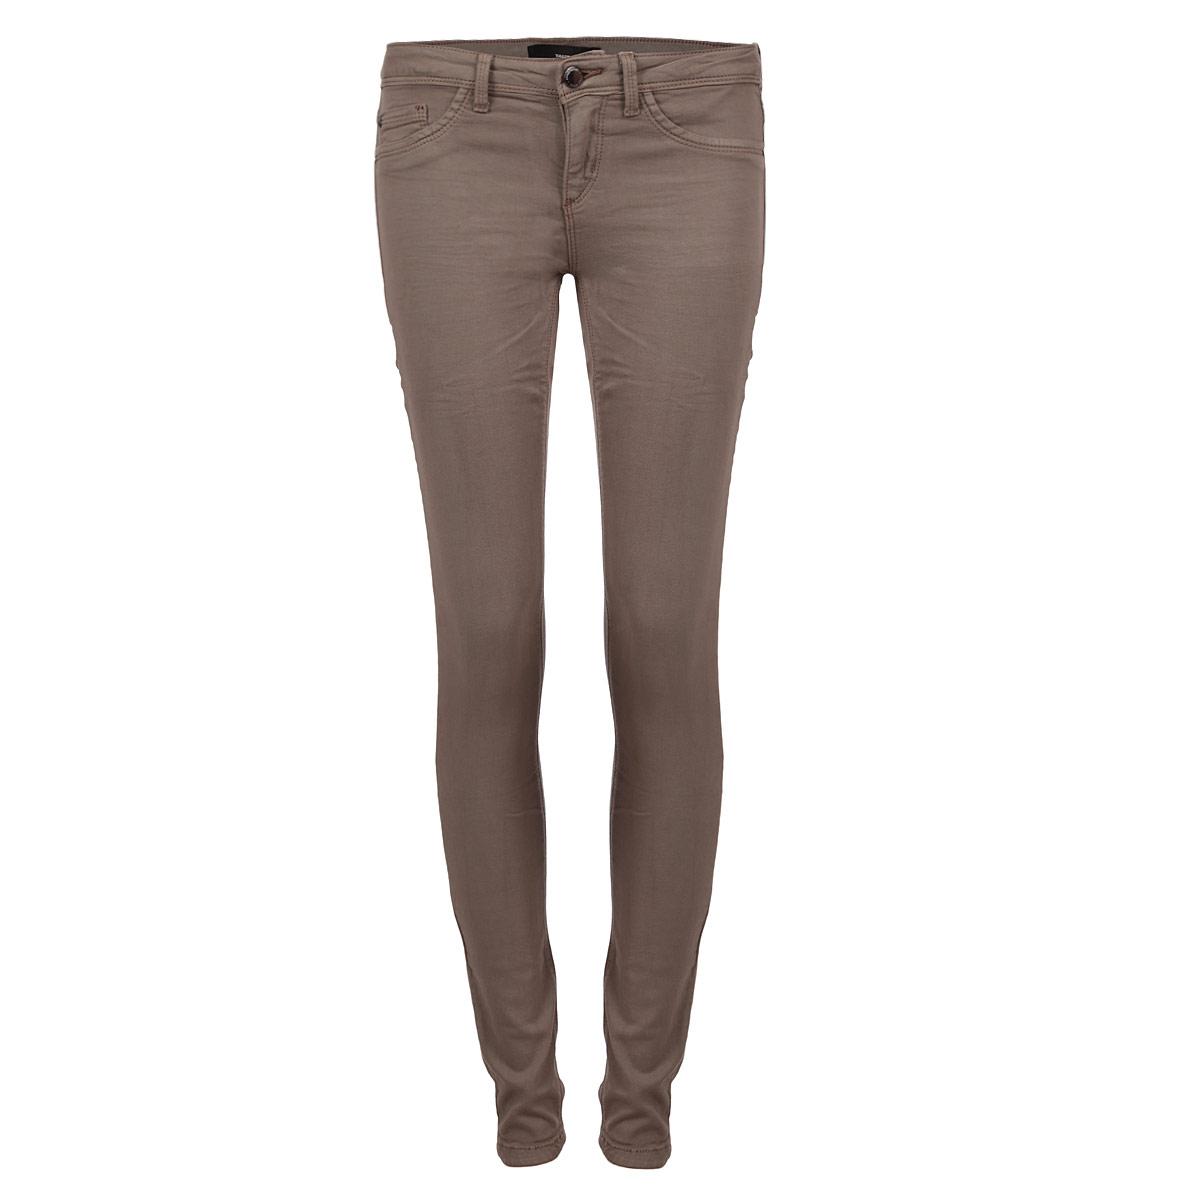 БрюкиSPACOGAGA02 UZ/BRW038Стильные женские брюки Tally Weijl созданы специально для того, чтобы подчеркивать достоинства вашей фигуры. Модель зауженного кроя и заниженной посадки станет отличным дополнением к вашему современному образу. Застегиваются брюки на пуговицу в поясе и ширинку на застежке-молнии, имеются шлевки для ремня. Спереди модель оформлена двумя втачными карманами и одним небольшим секретным кармашком, а сзади - двумя накладными карманами. Эти модные и в тоже время комфортные брюки послужат отличным дополнением к вашему гардеробу. В них вы всегда будете чувствовать себя уютно и комфортно.